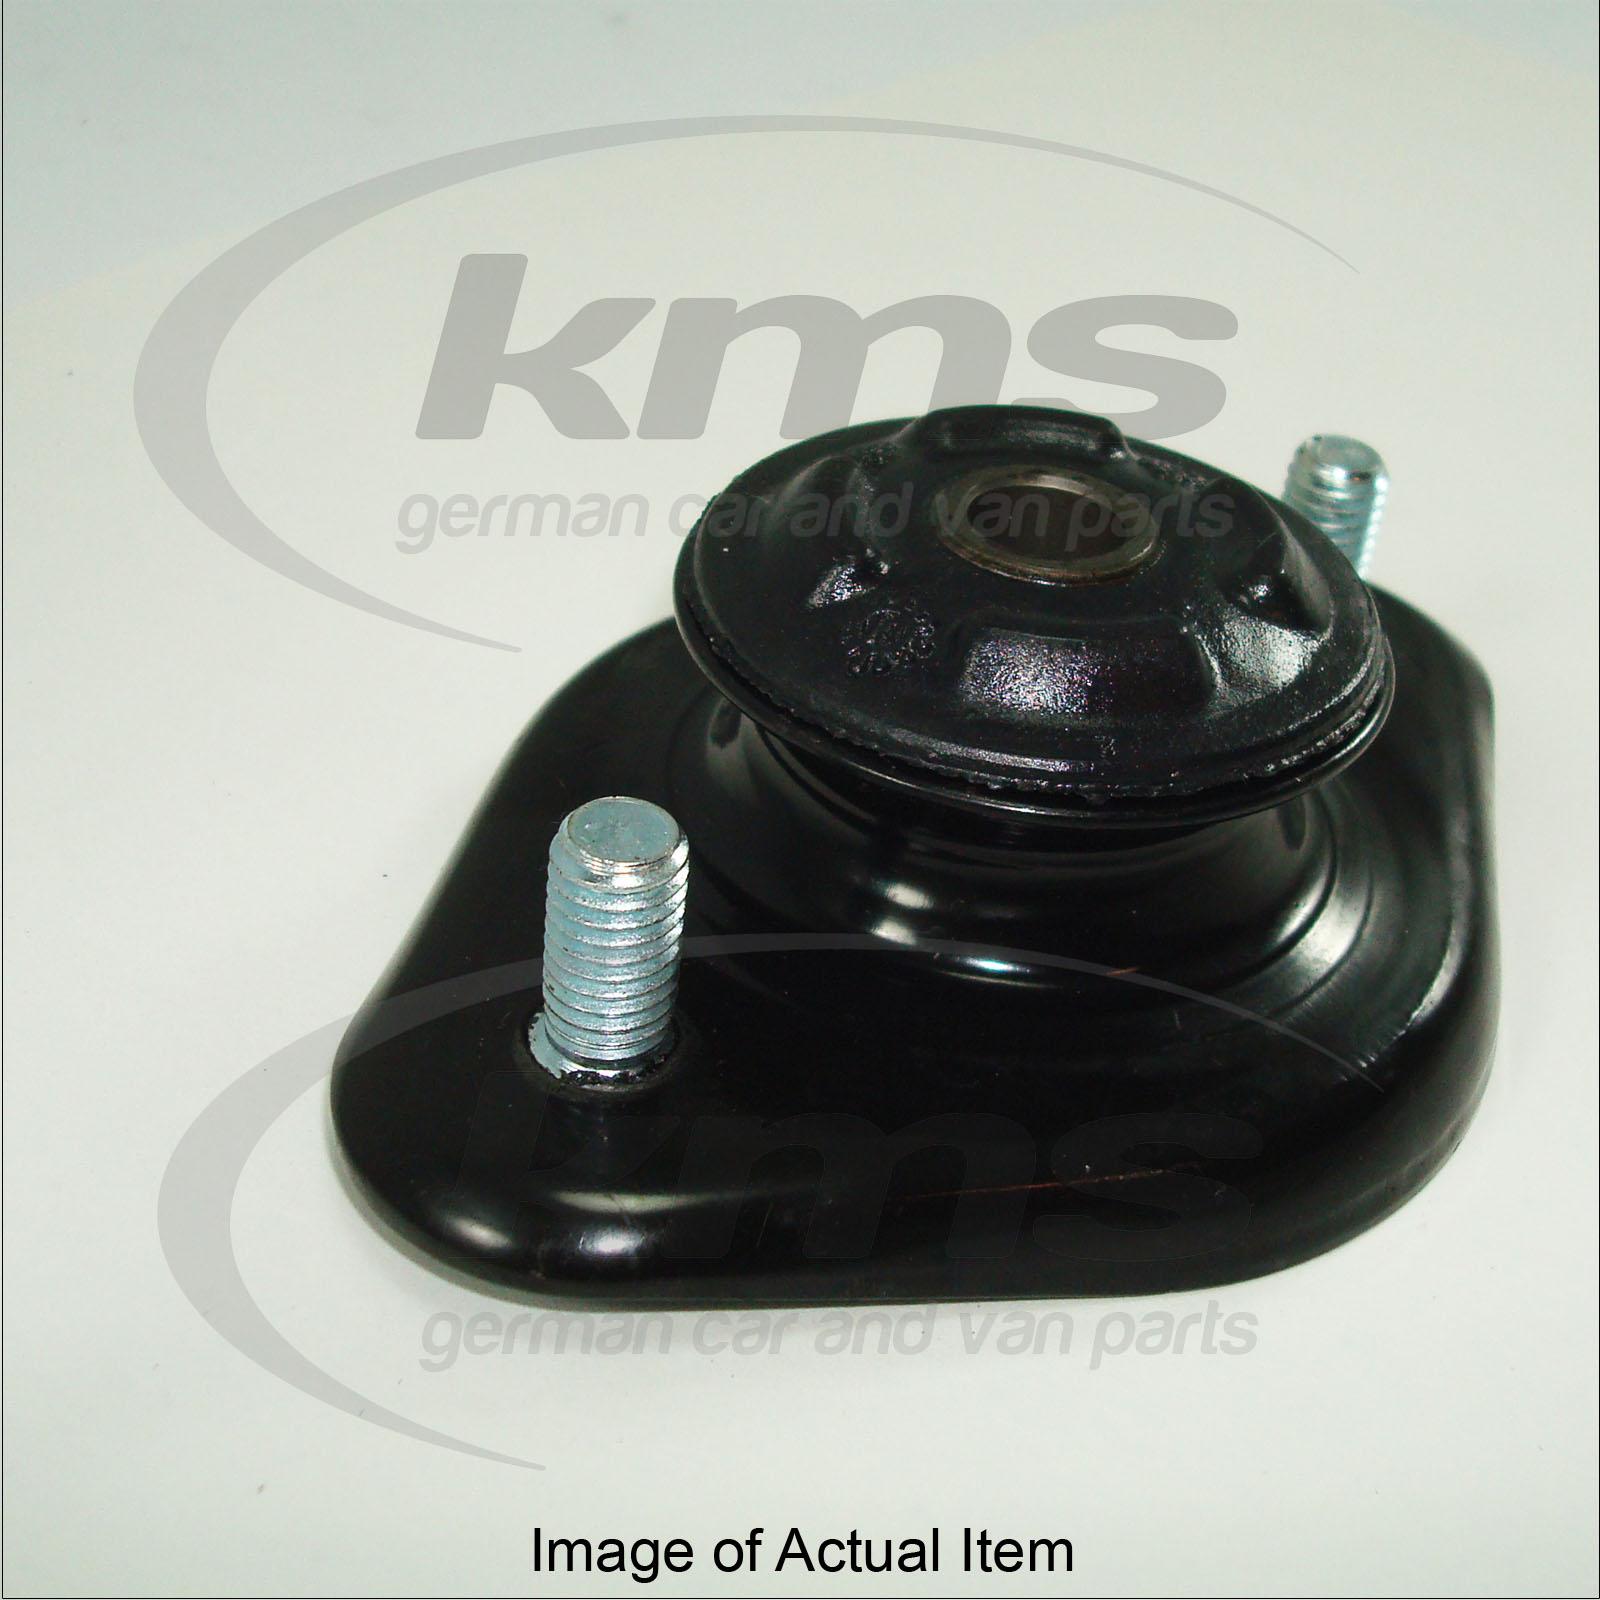 Bmw Z3 Wing Mirror Mount: REAR STRUT TOP MOUNTING E36,E46 316-330D 91- BMW Z3 98-02